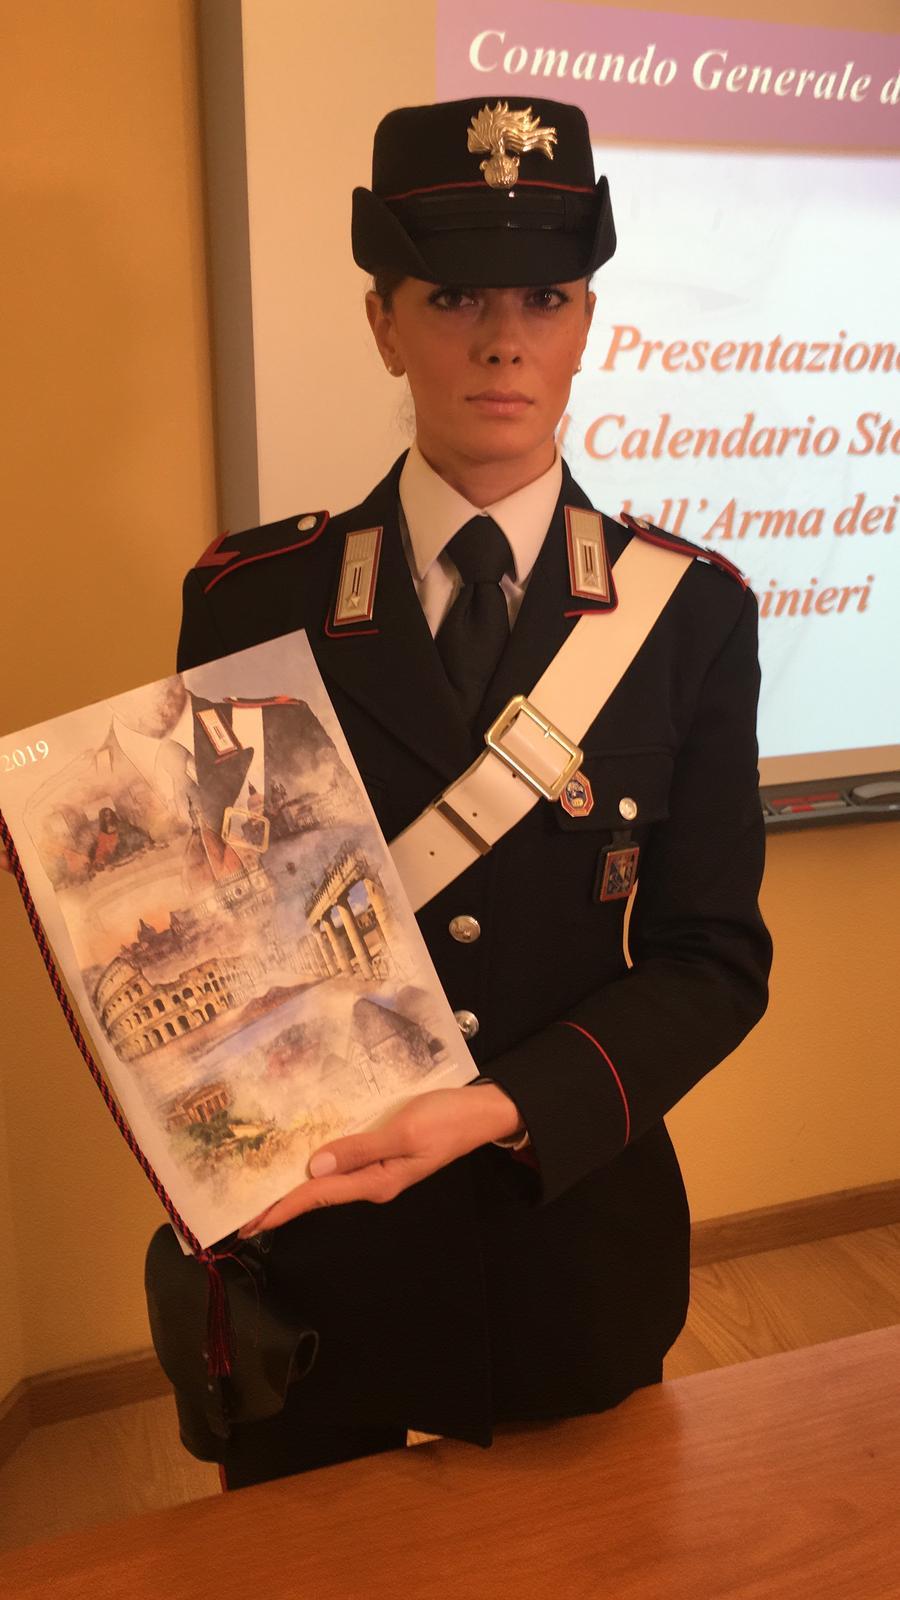 Calendario Carabinieri Prezzo.Ivrea Nel Calendario Storico Dei Carabinieri 2019 Il Canavese